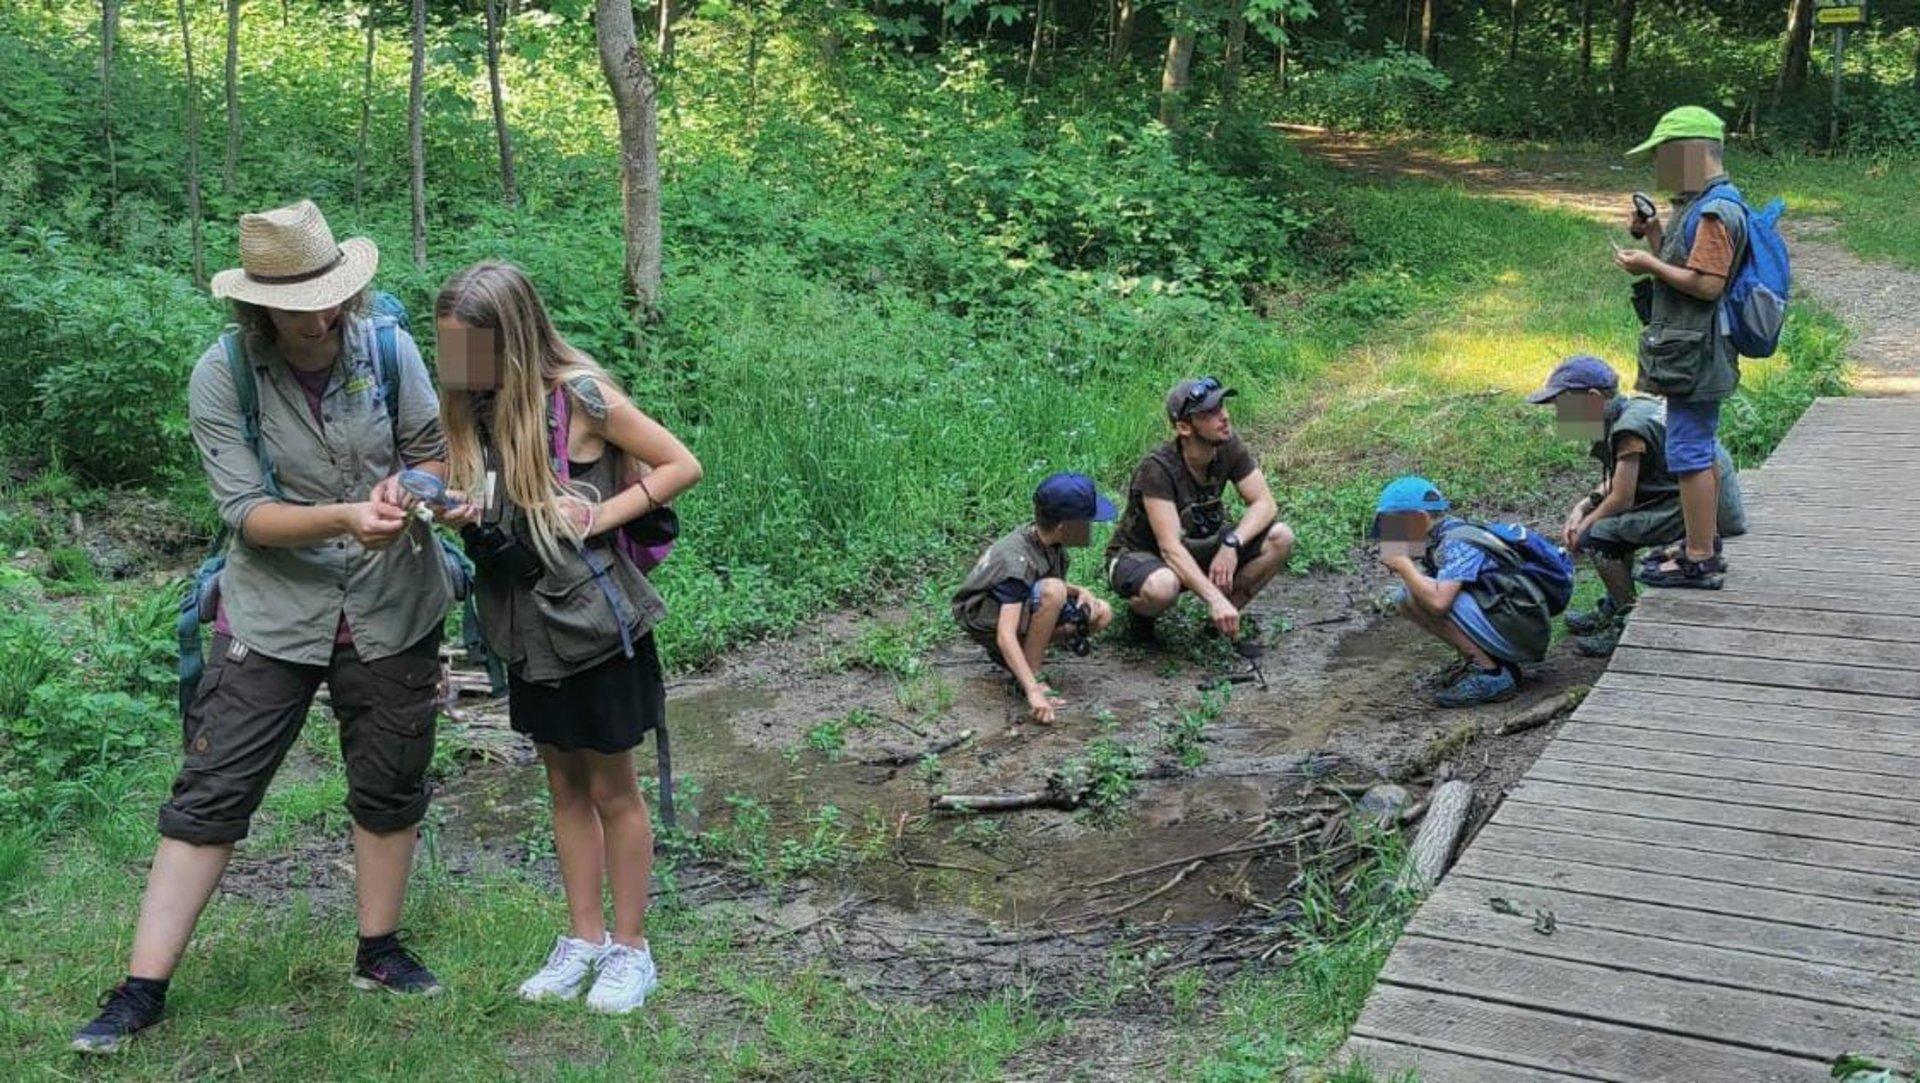 Kinder entdecken Tierspuren im Wald (Foto Tassilo Eifler)